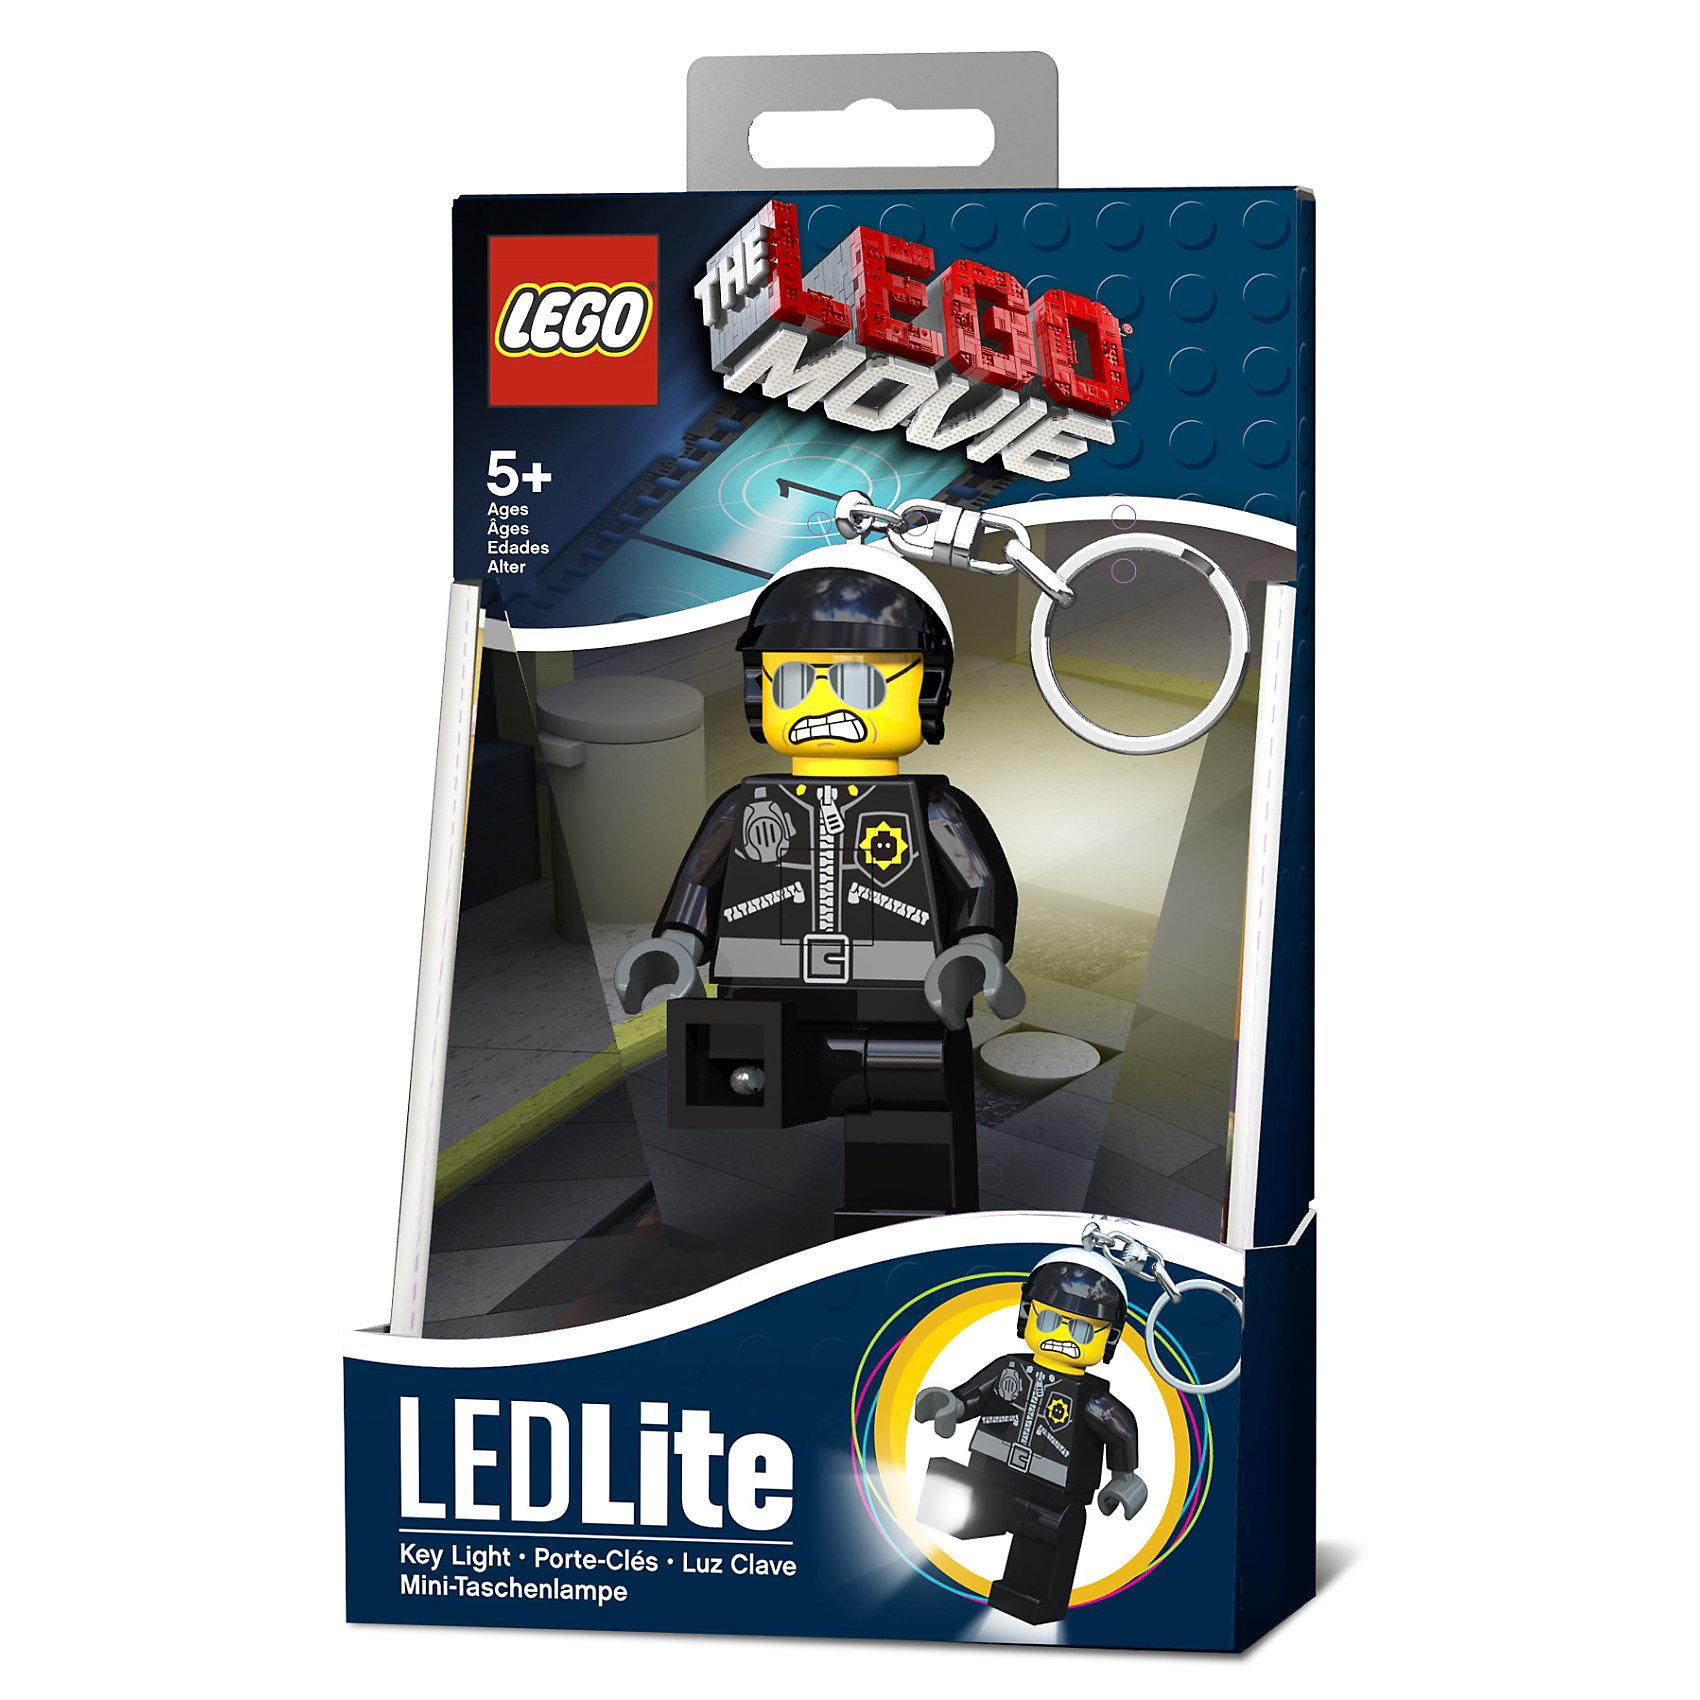 Брелок-фонарик для ключей, LEGO Movie Bad CopБрелок-фонарик для ключей, LEGO Movie Bad Cop (Лего) - стильный брелок-фонарик станет отличным подарком для поклонников мультфильма и новой серии LEGO Movie.<br>Оригинальный брелок-фонарик изготовлен в виде фигурки плохого полицейского - известного злодея, приспешника Президента Бизнес. Модель выполнена в лучших традициях LEGO и поражает своей проработанностью. Удобная кнопка включения и выключения позволяет играть с брелоком и без опасения тратить заряд. Брелок-фонарик с подвижными руками и ногами обязательно завоюет сердце малыша! Нажмите фигурке на живот и у нее загорятся светодиодные лампочки в ступнях, удобно помогая осветить замочную скважину. Металлическое крепление для ключей входит в комплект.<br><br>Дополнительная информация:<br><br>-Батарейки: 2хCR2025  (входят в комплект)<br>-Материал: пластик, металл<br>-Высота фигурки: 7,5см.<br>-Возраст: от 5 лет<br><br>Брелок-фонарик для ключей, LEGO Movie Bad Cop можно купить в нашем интернет-магазине.<br><br>Ширина мм: 97<br>Глубина мм: 41<br>Высота мм: 150<br>Вес г: 65<br>Возраст от месяцев: 36<br>Возраст до месяцев: 144<br>Пол: Унисекс<br>Возраст: Детский<br>SKU: 3514698